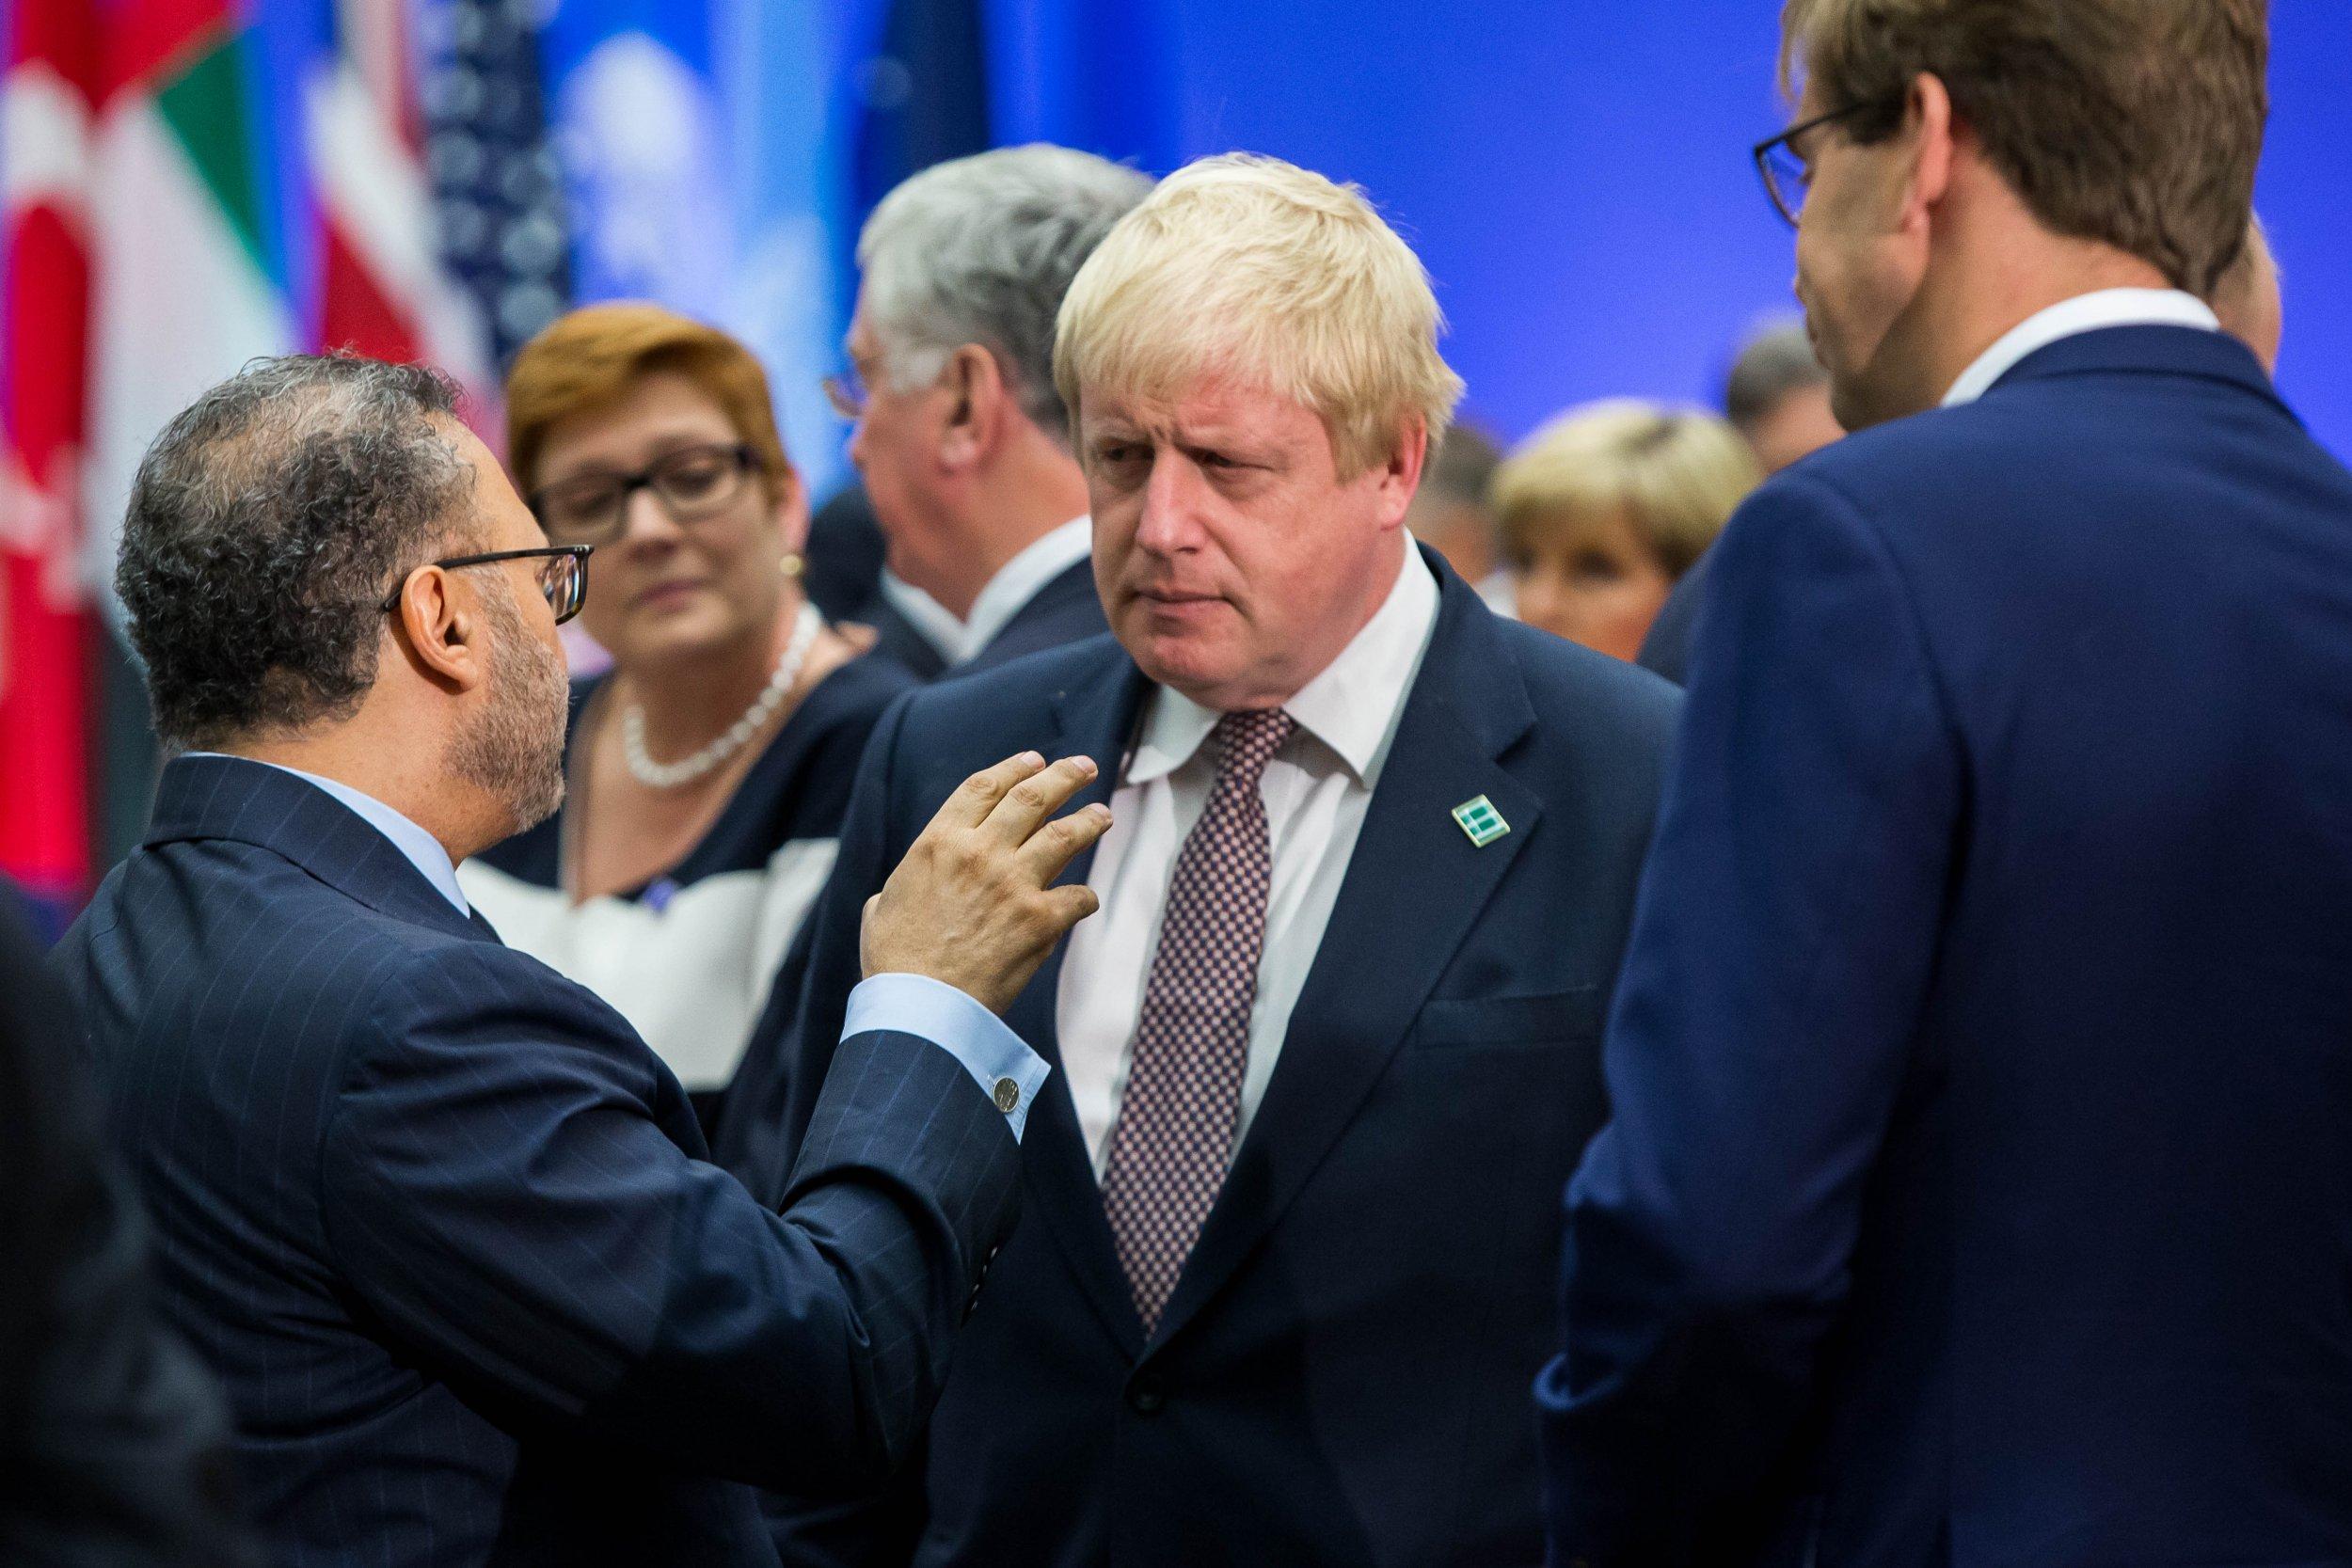 Boris Johnson at anti-ISIS summit